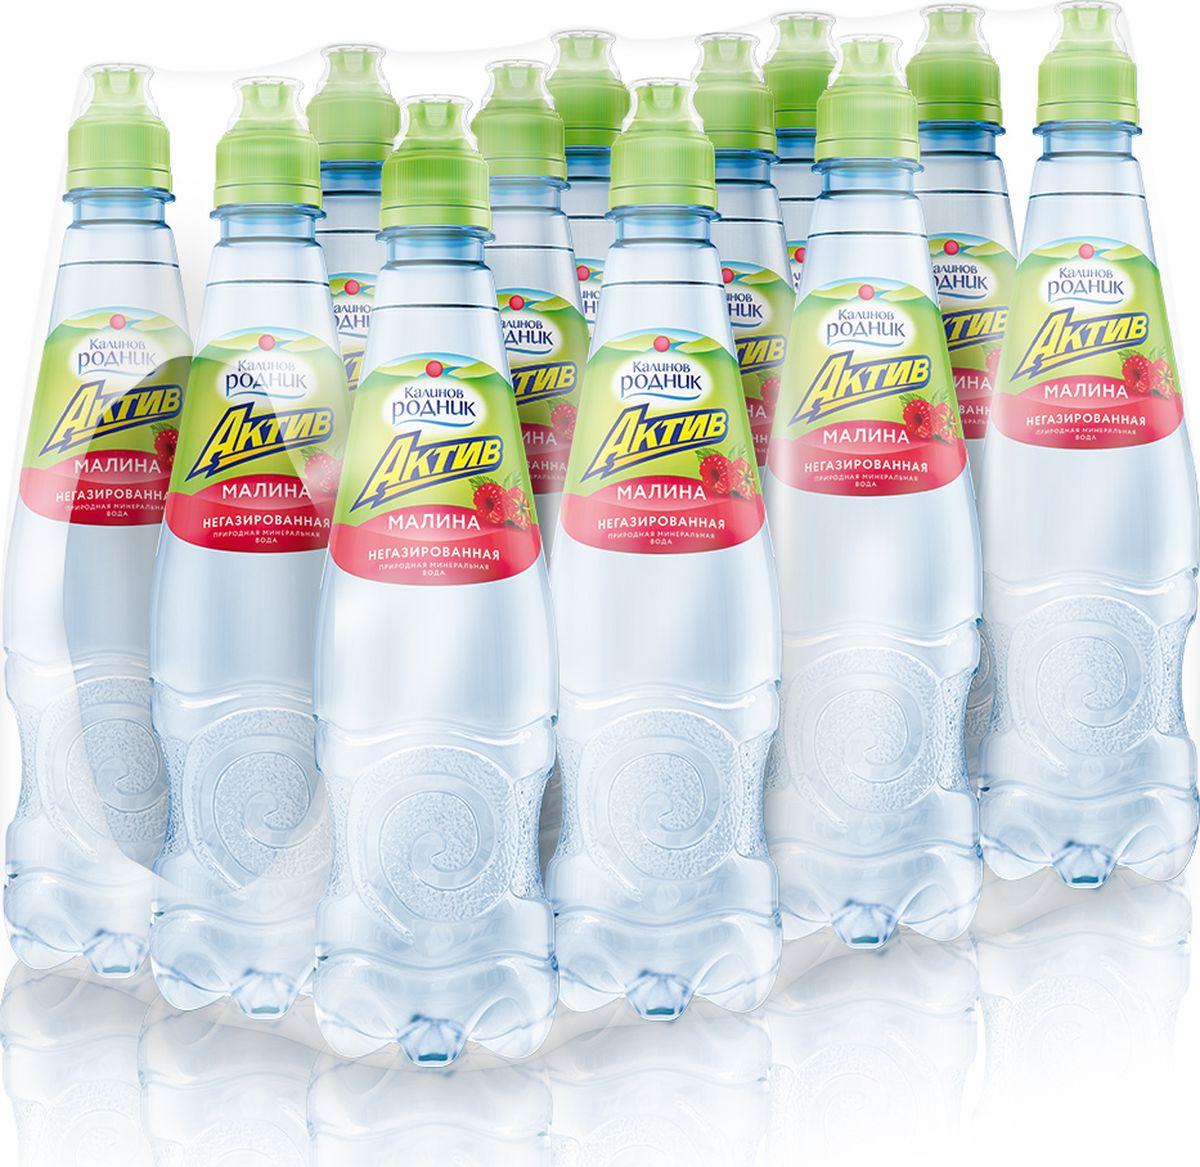 Вода Калинов Родник Актив со вкусом малины, 12 шт по 500 мл вода калинов родник актив со вкусом малины 12 шт по 500 мл